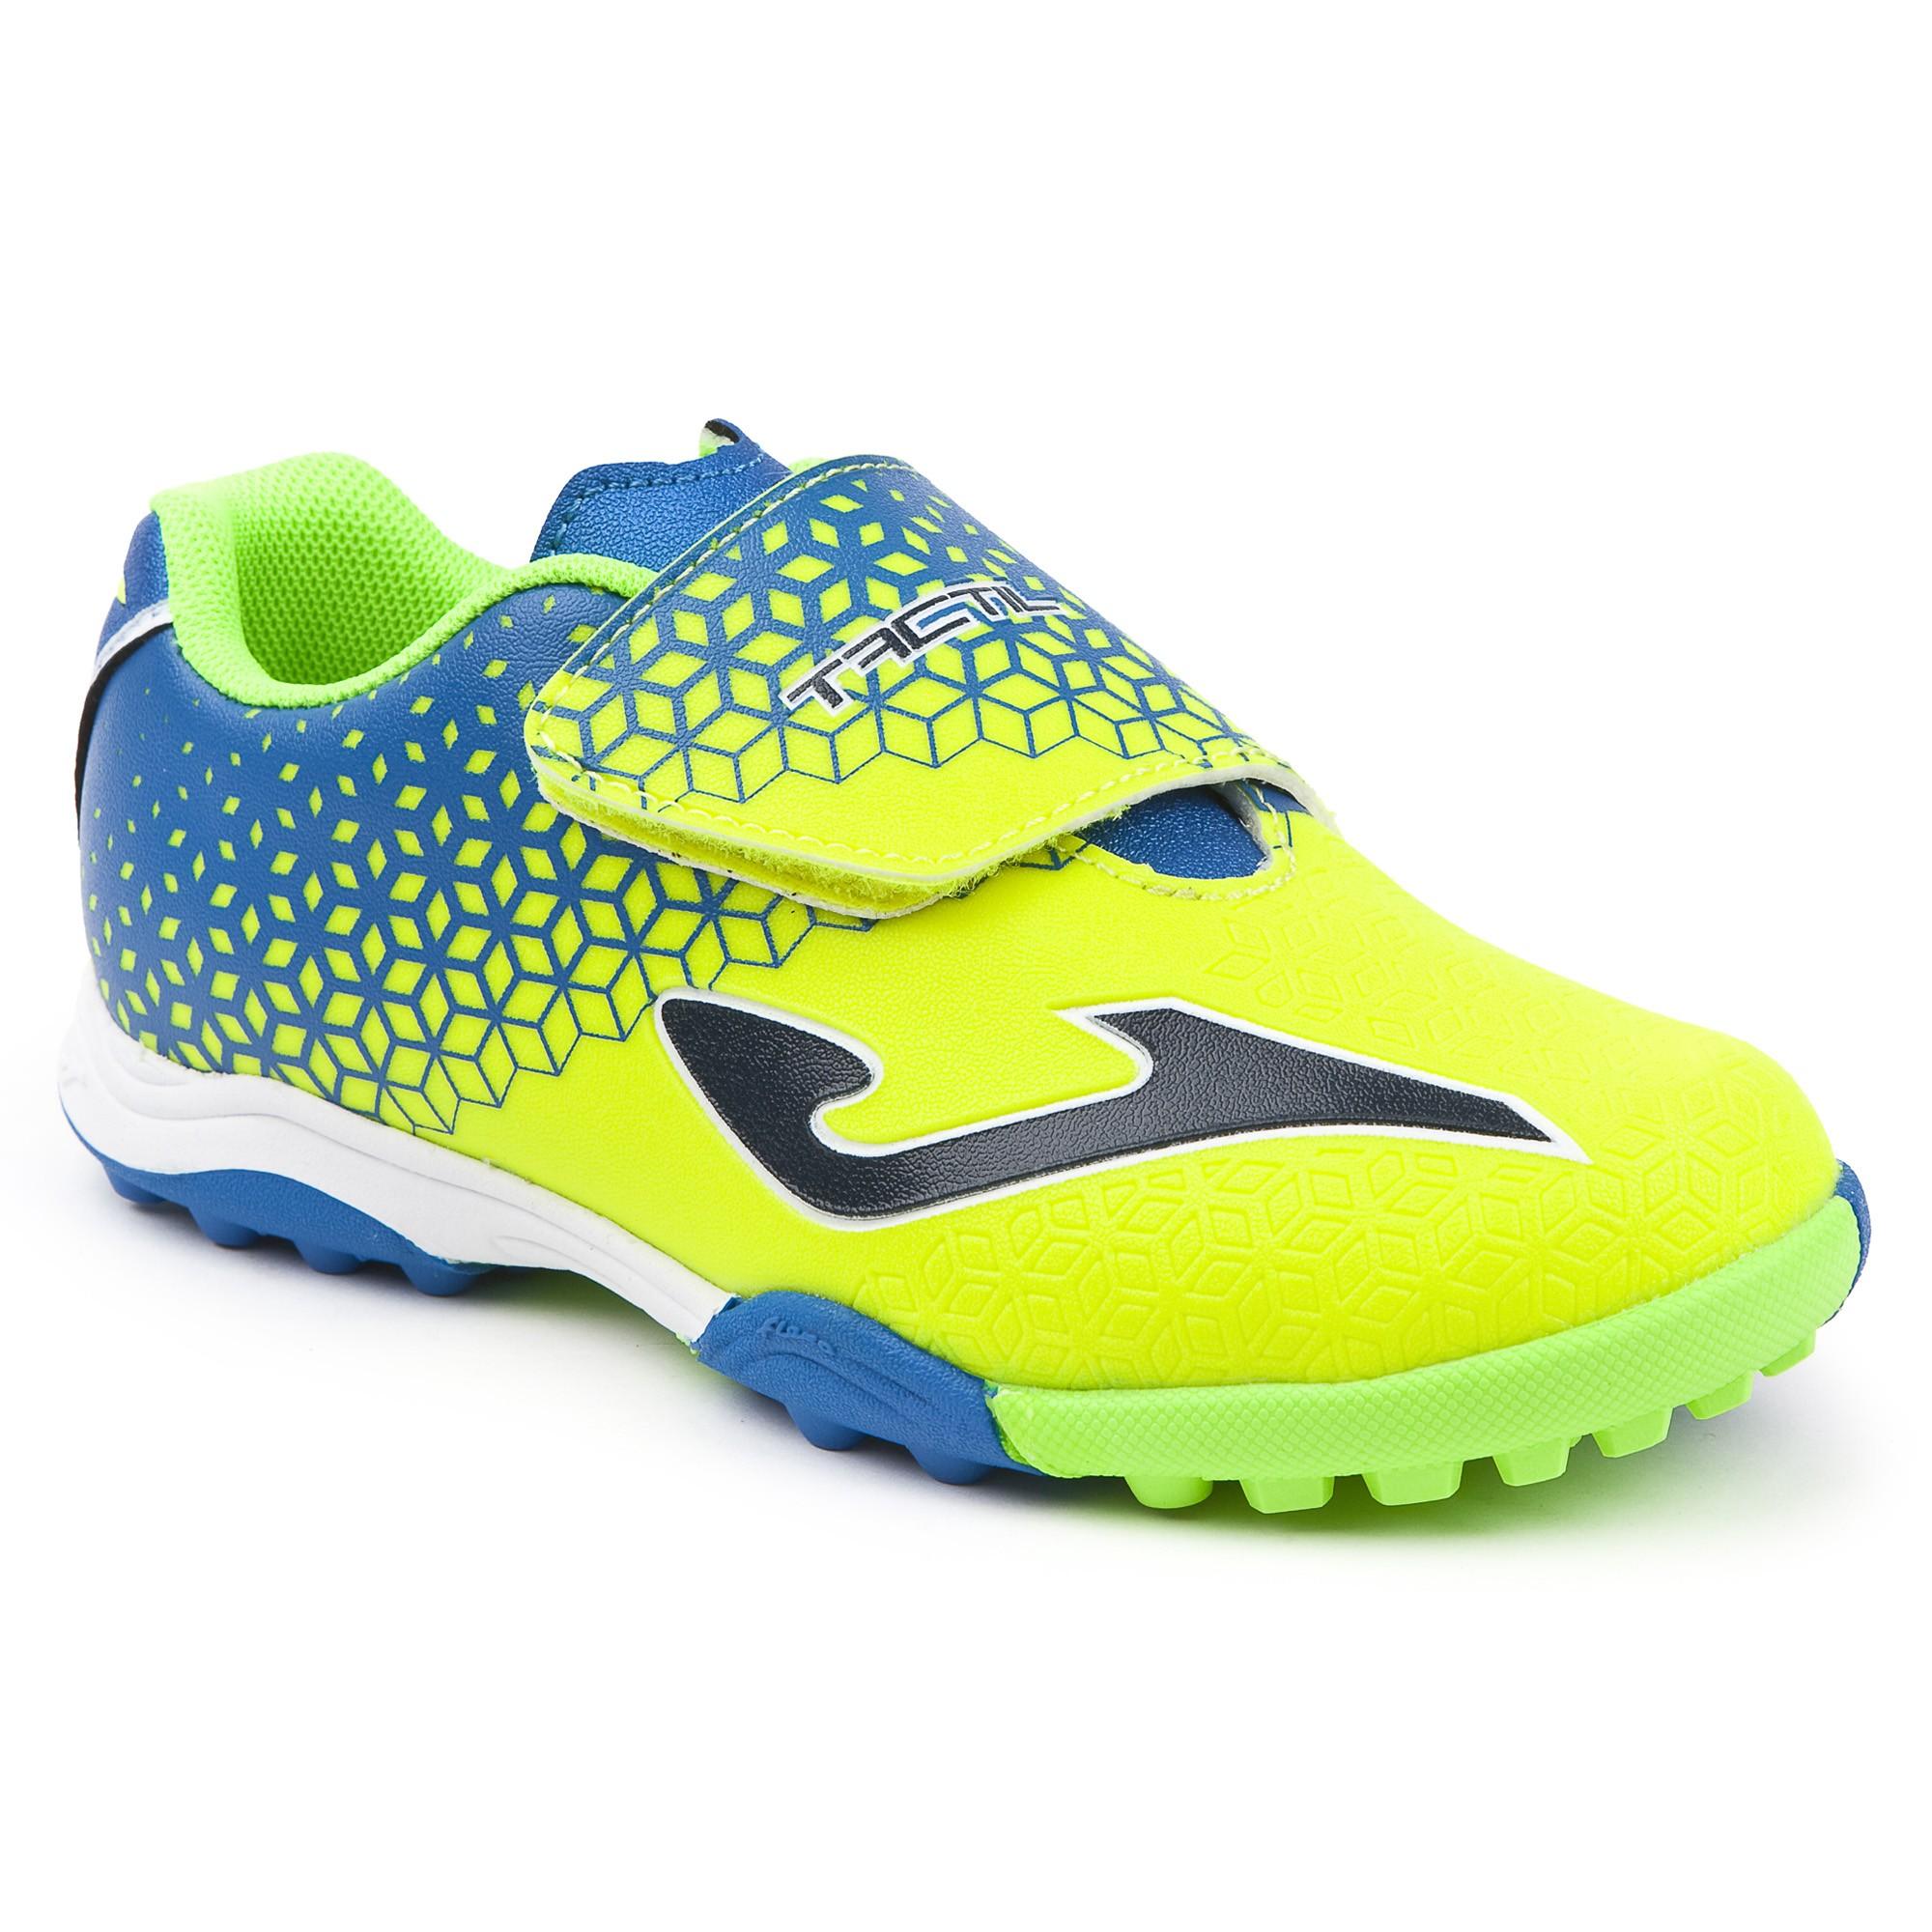 nuovo stile di vita stile alla moda goditi la spedizione in omaggio scarpa junior futsal joma